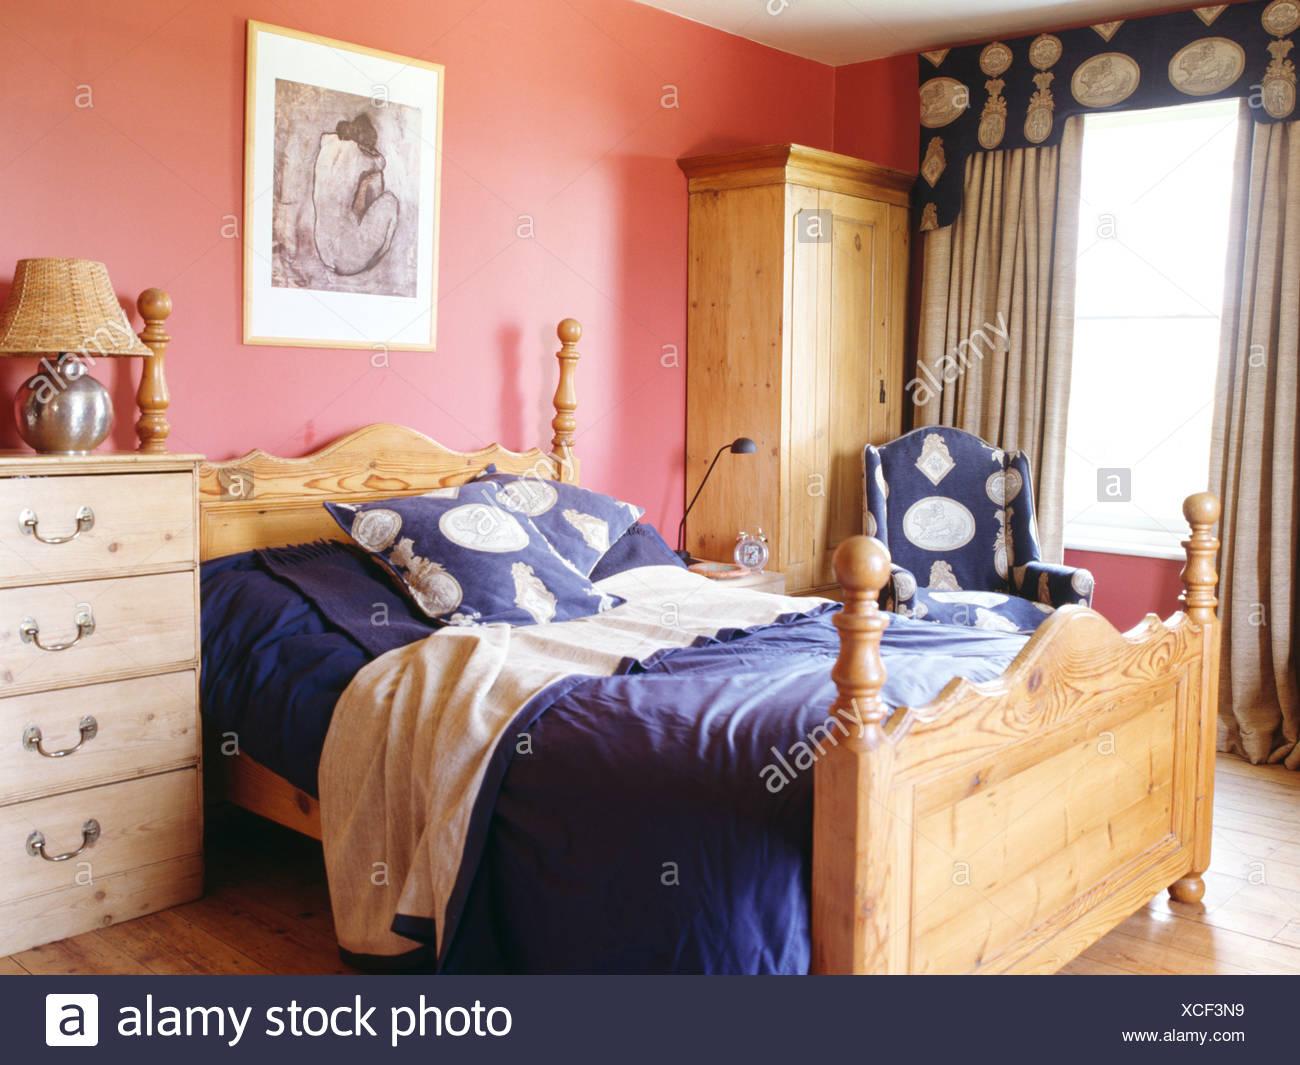 Charmant Kiefer Bett Mit Blauen Kissen Und Bettwäsche In Rosa Schlafzimmer Mit  Kiefer Kleiderschrank Und Creme Und Blau Vorhänge Am Fenster